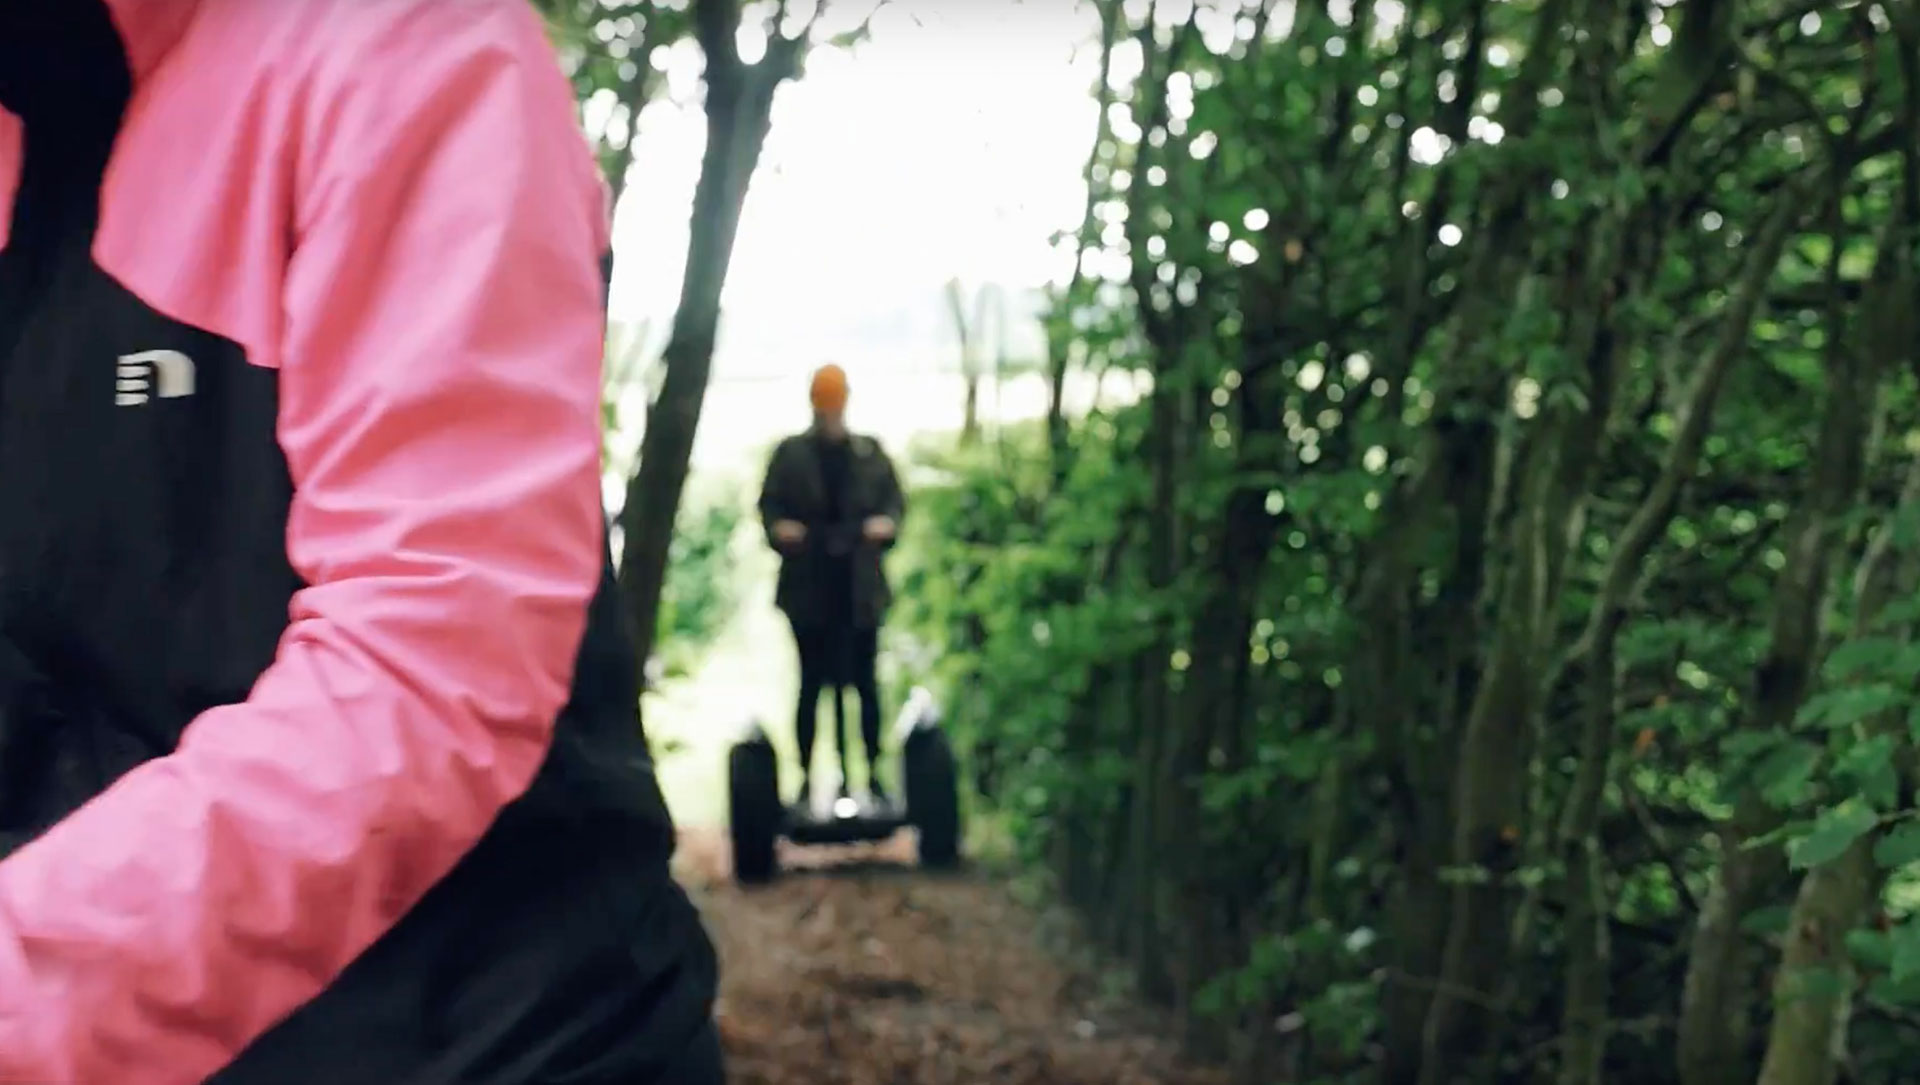 RSA-segway-woods